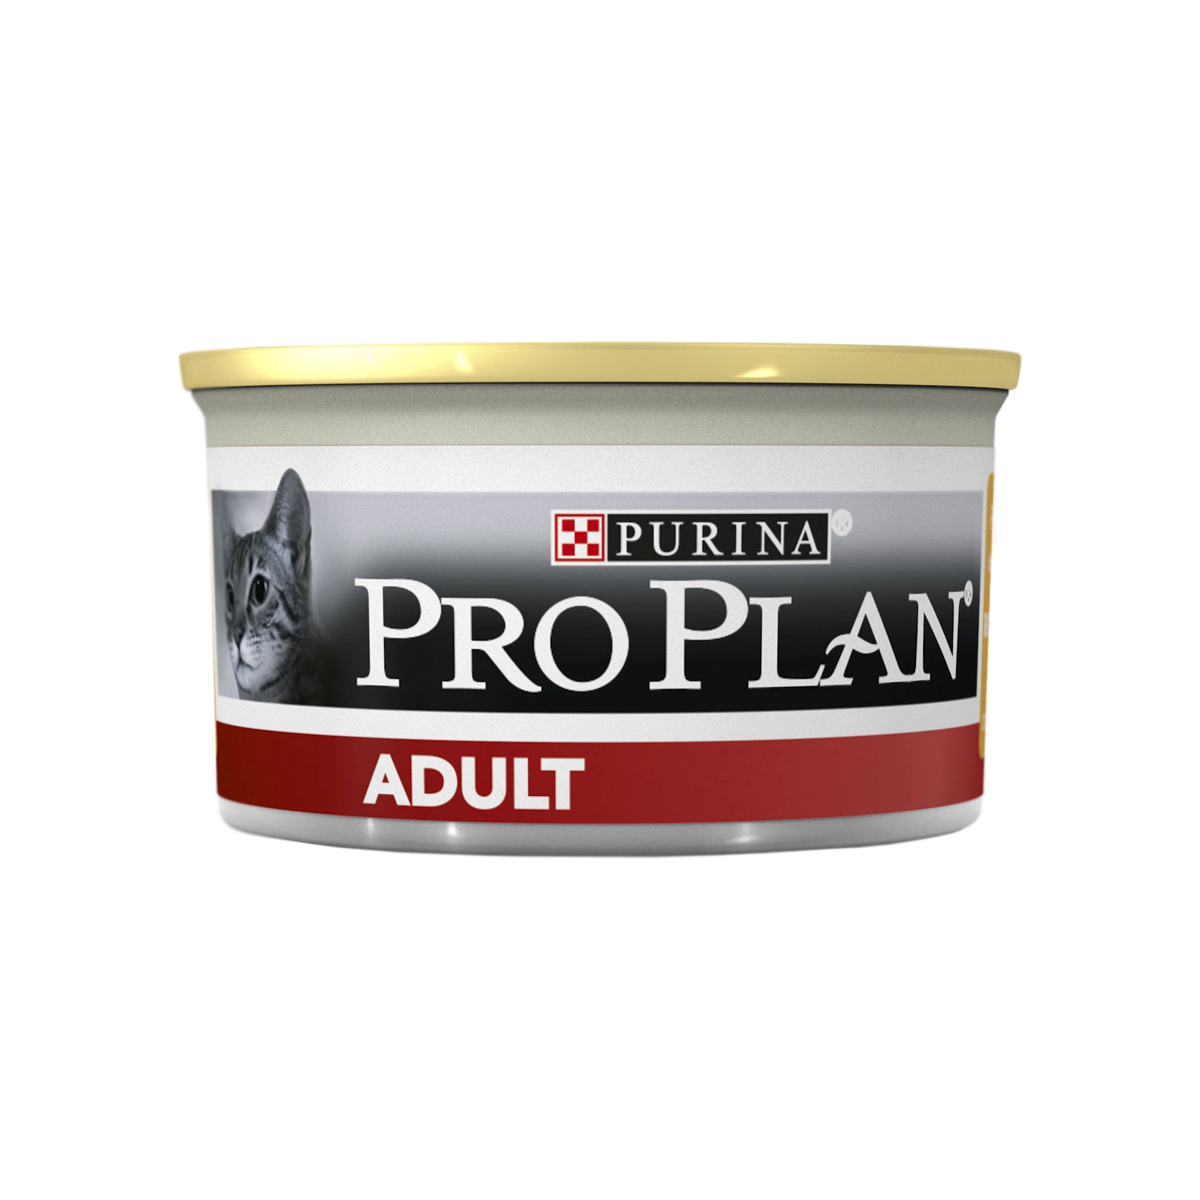 Pro Plan Консервы для взрослых кошек, паштет с курицей